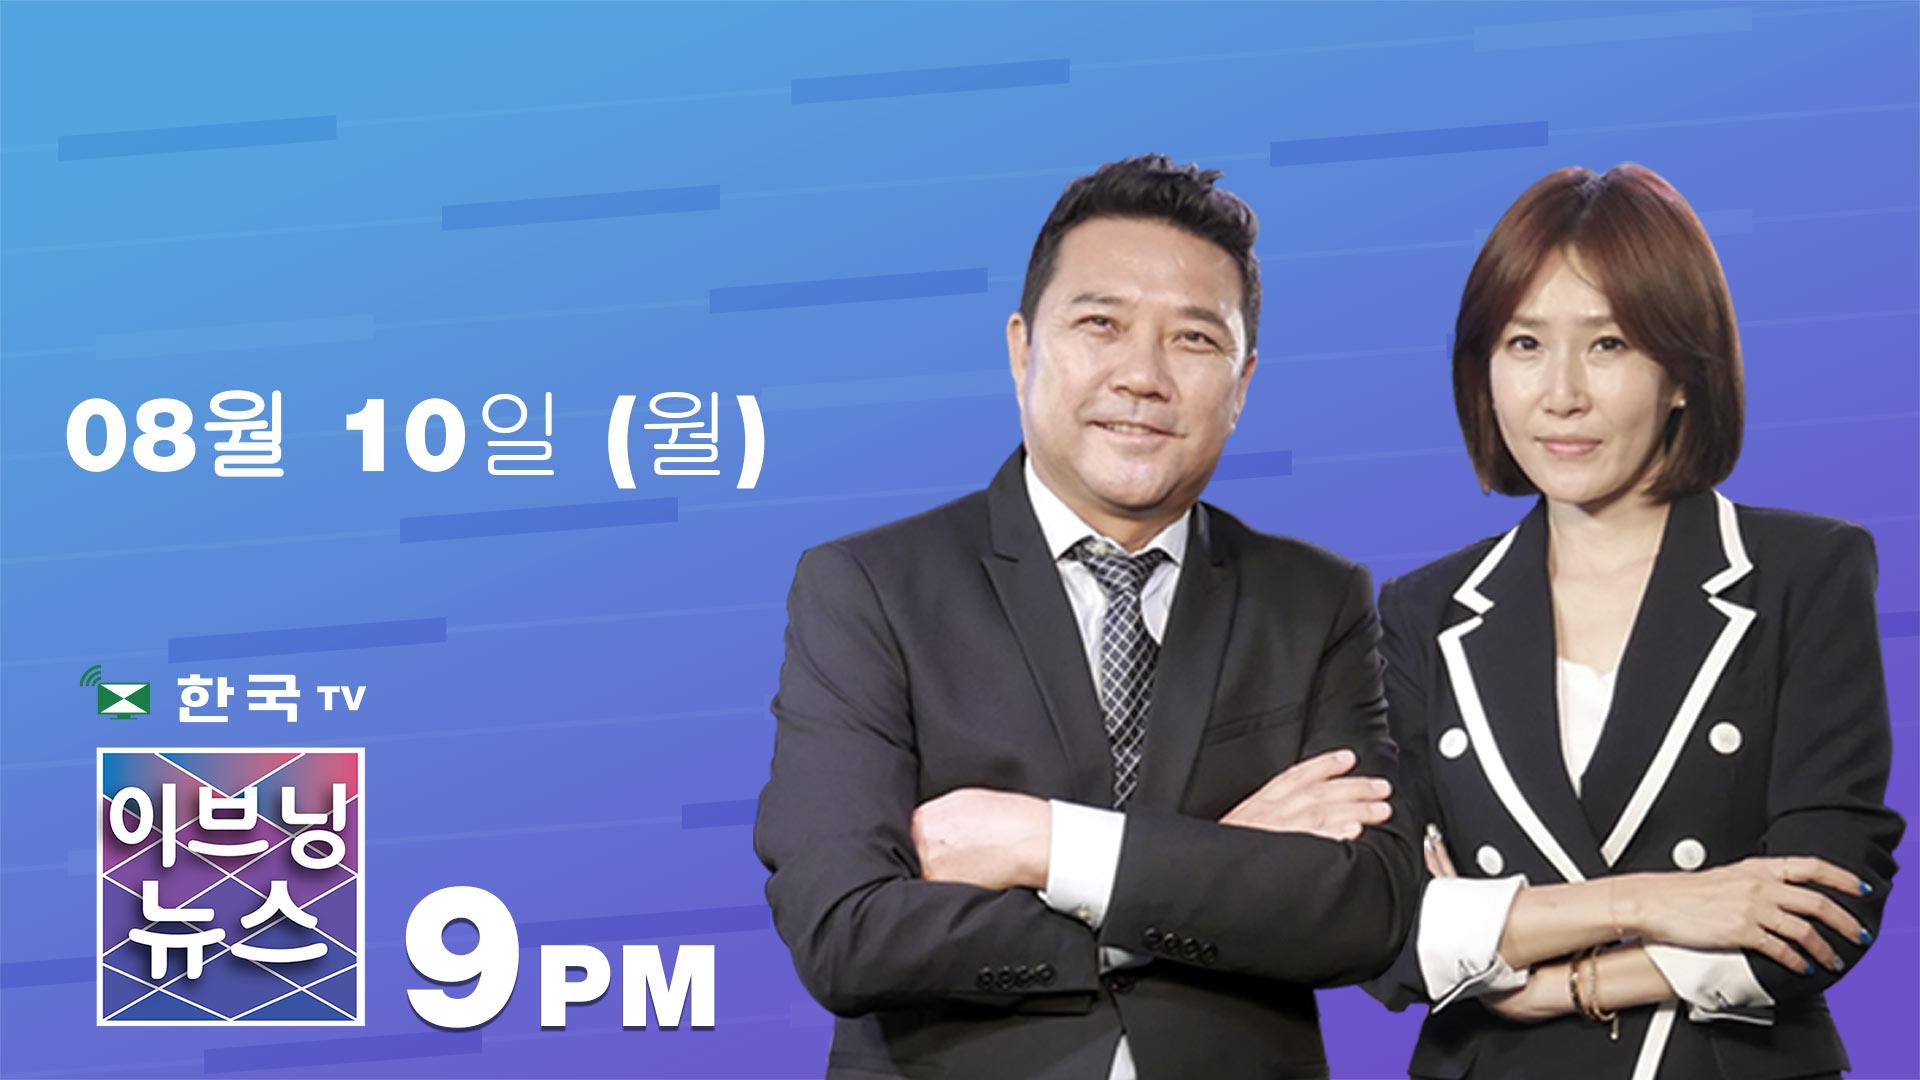 (08.10.2020) 한국TV 이브닝 뉴스